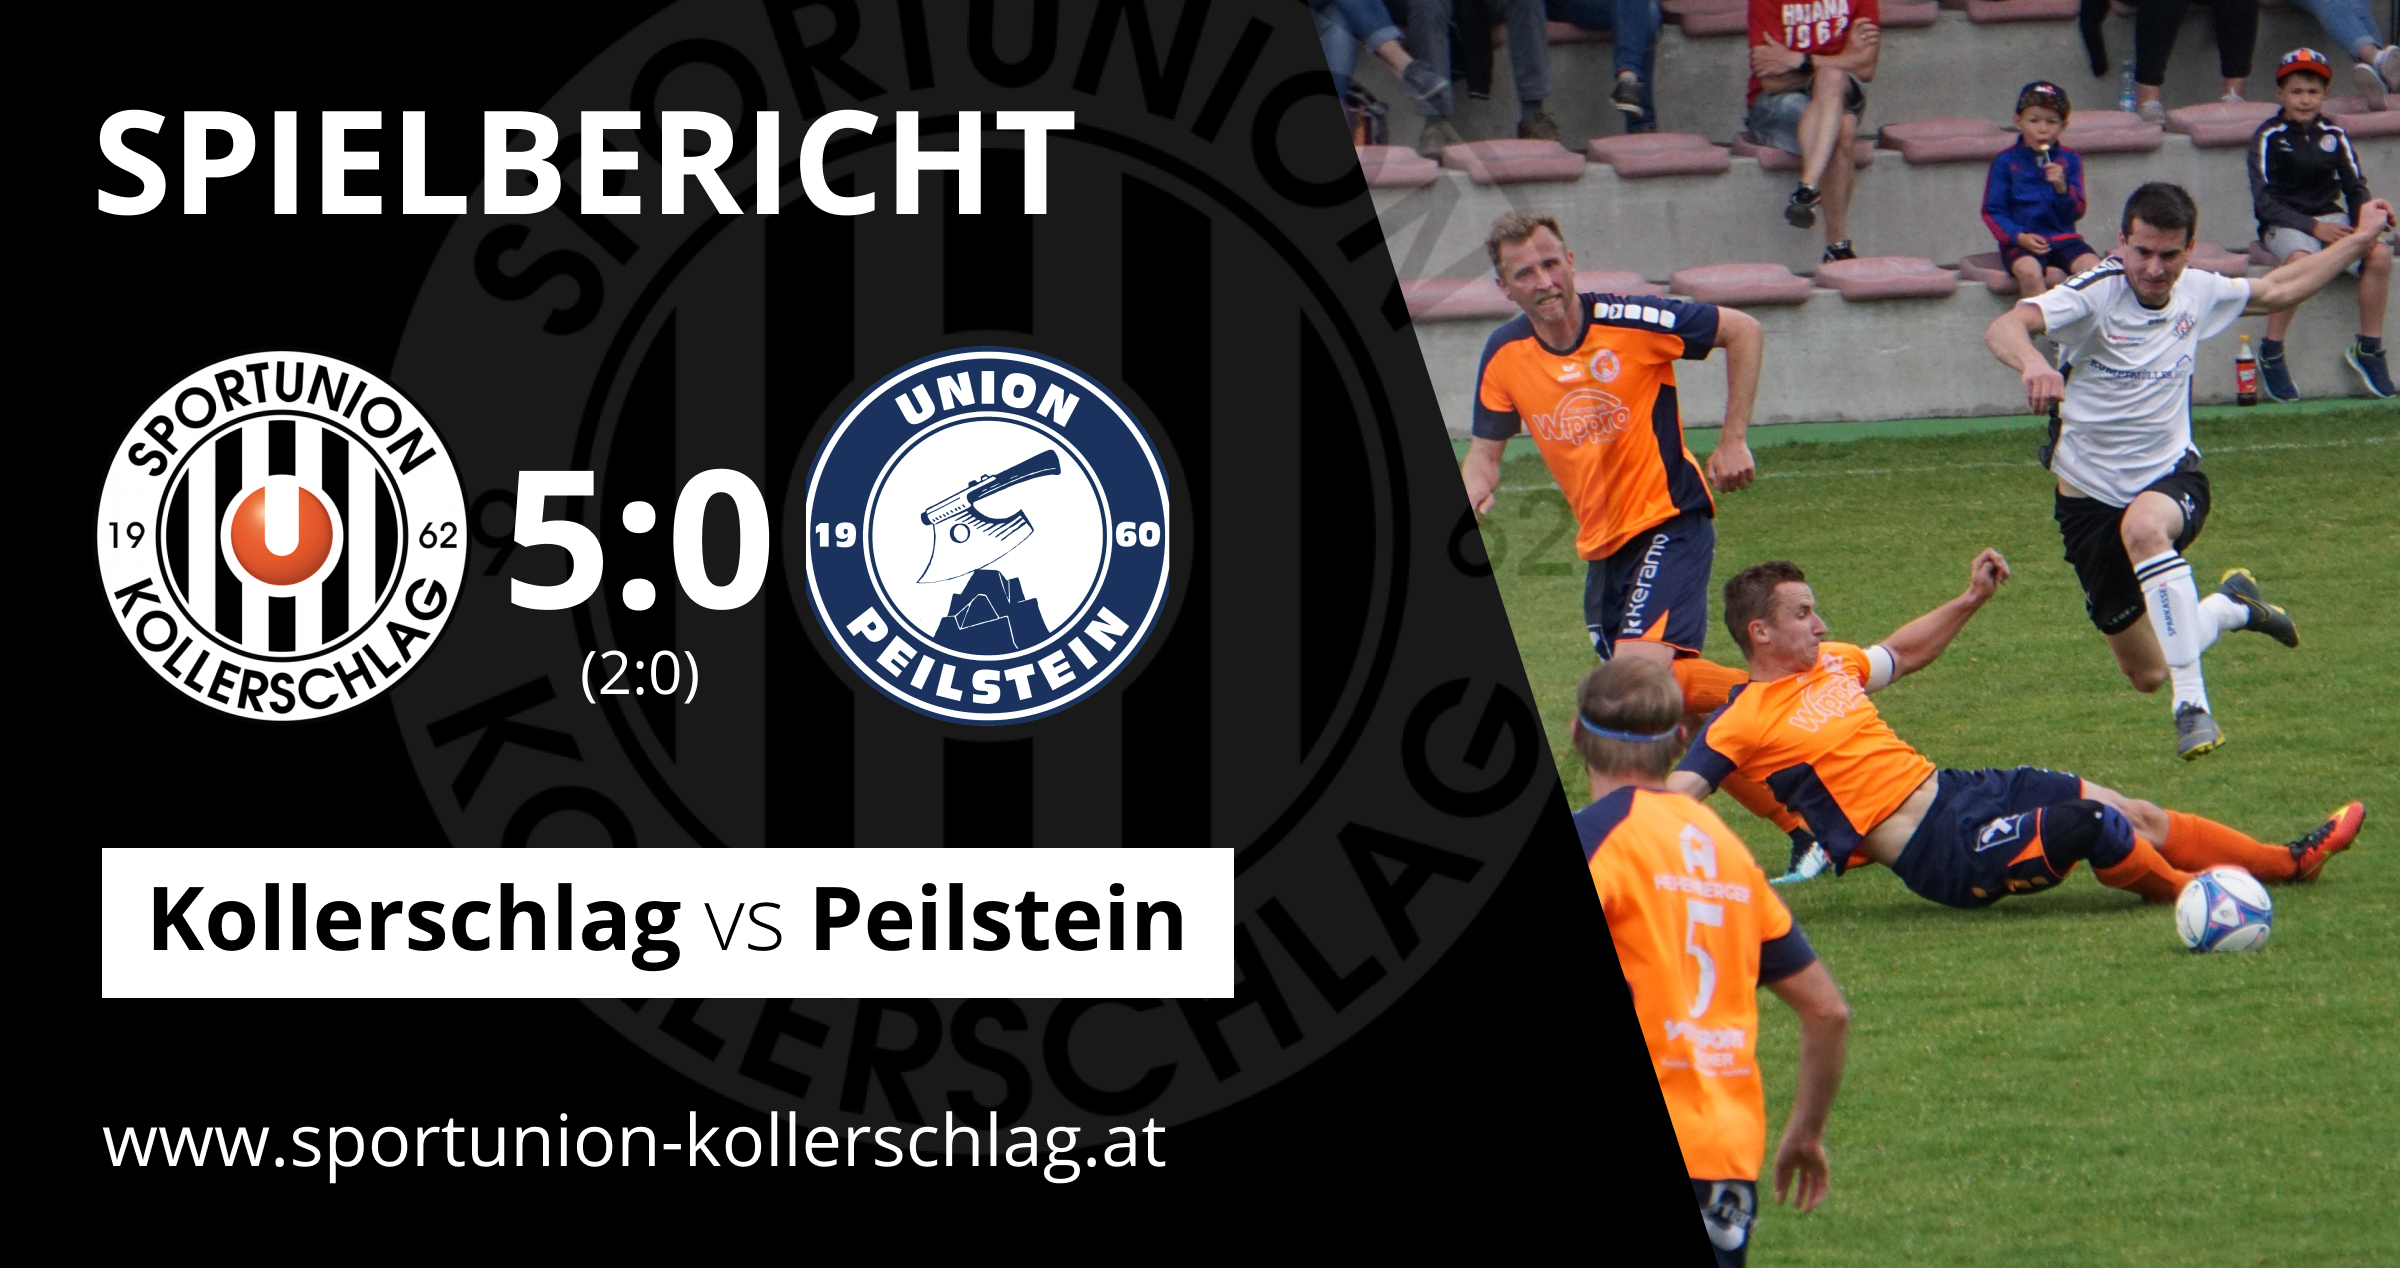 Die Siegesserie geht weiter! 5:0 Derby-Heimsieg gegen Peilstein